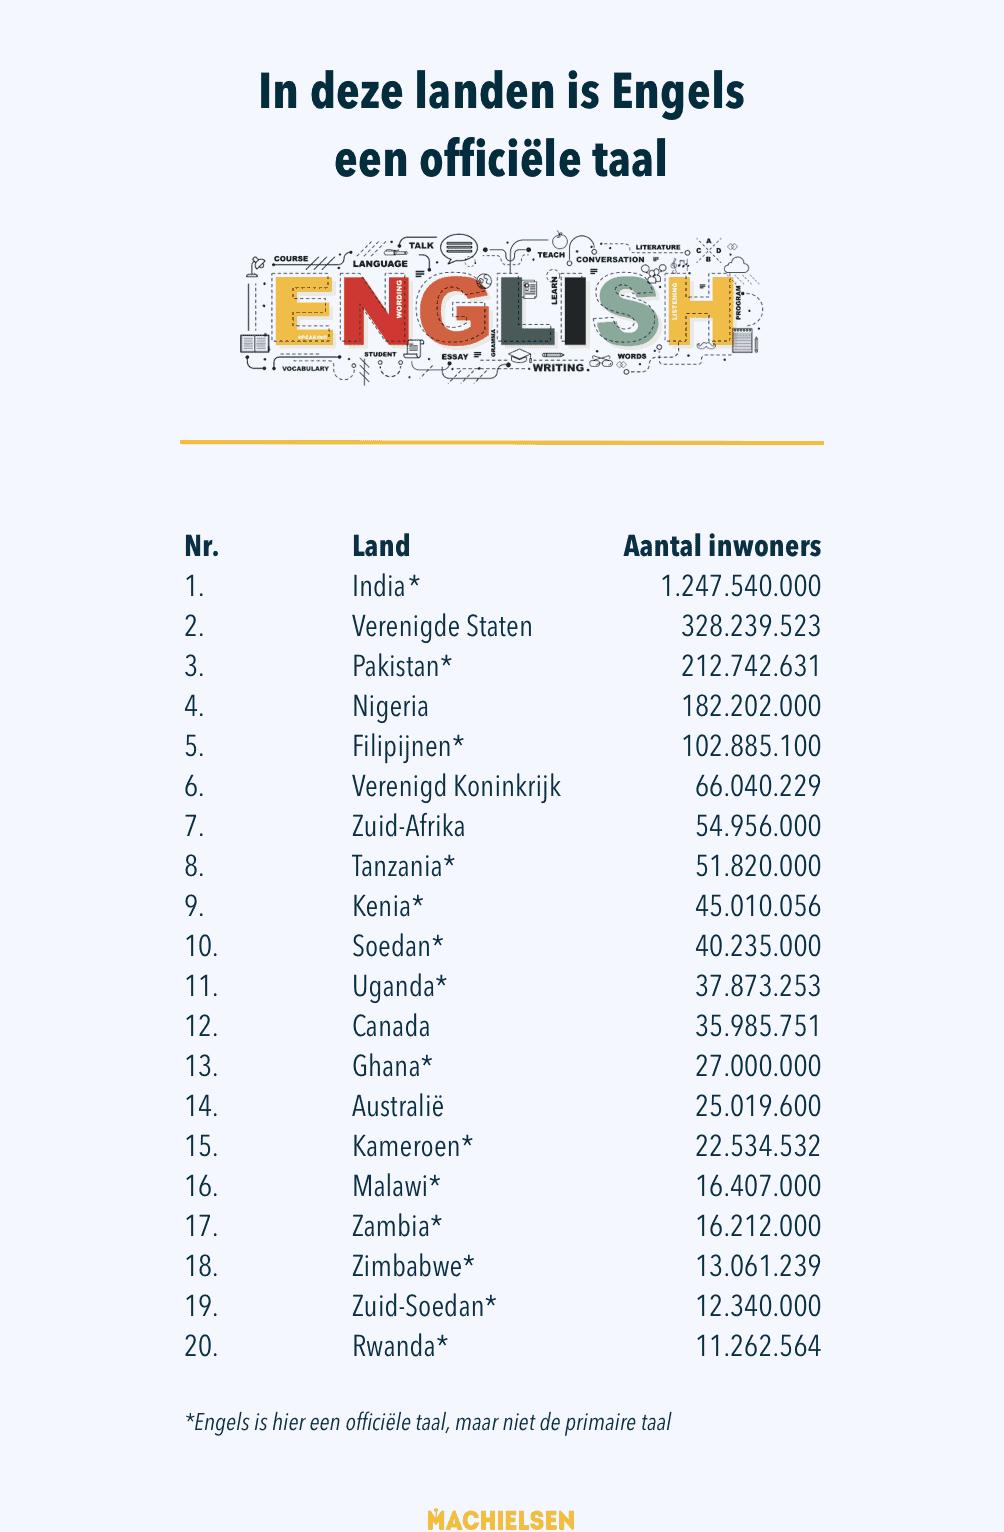 landen-engelse-taal